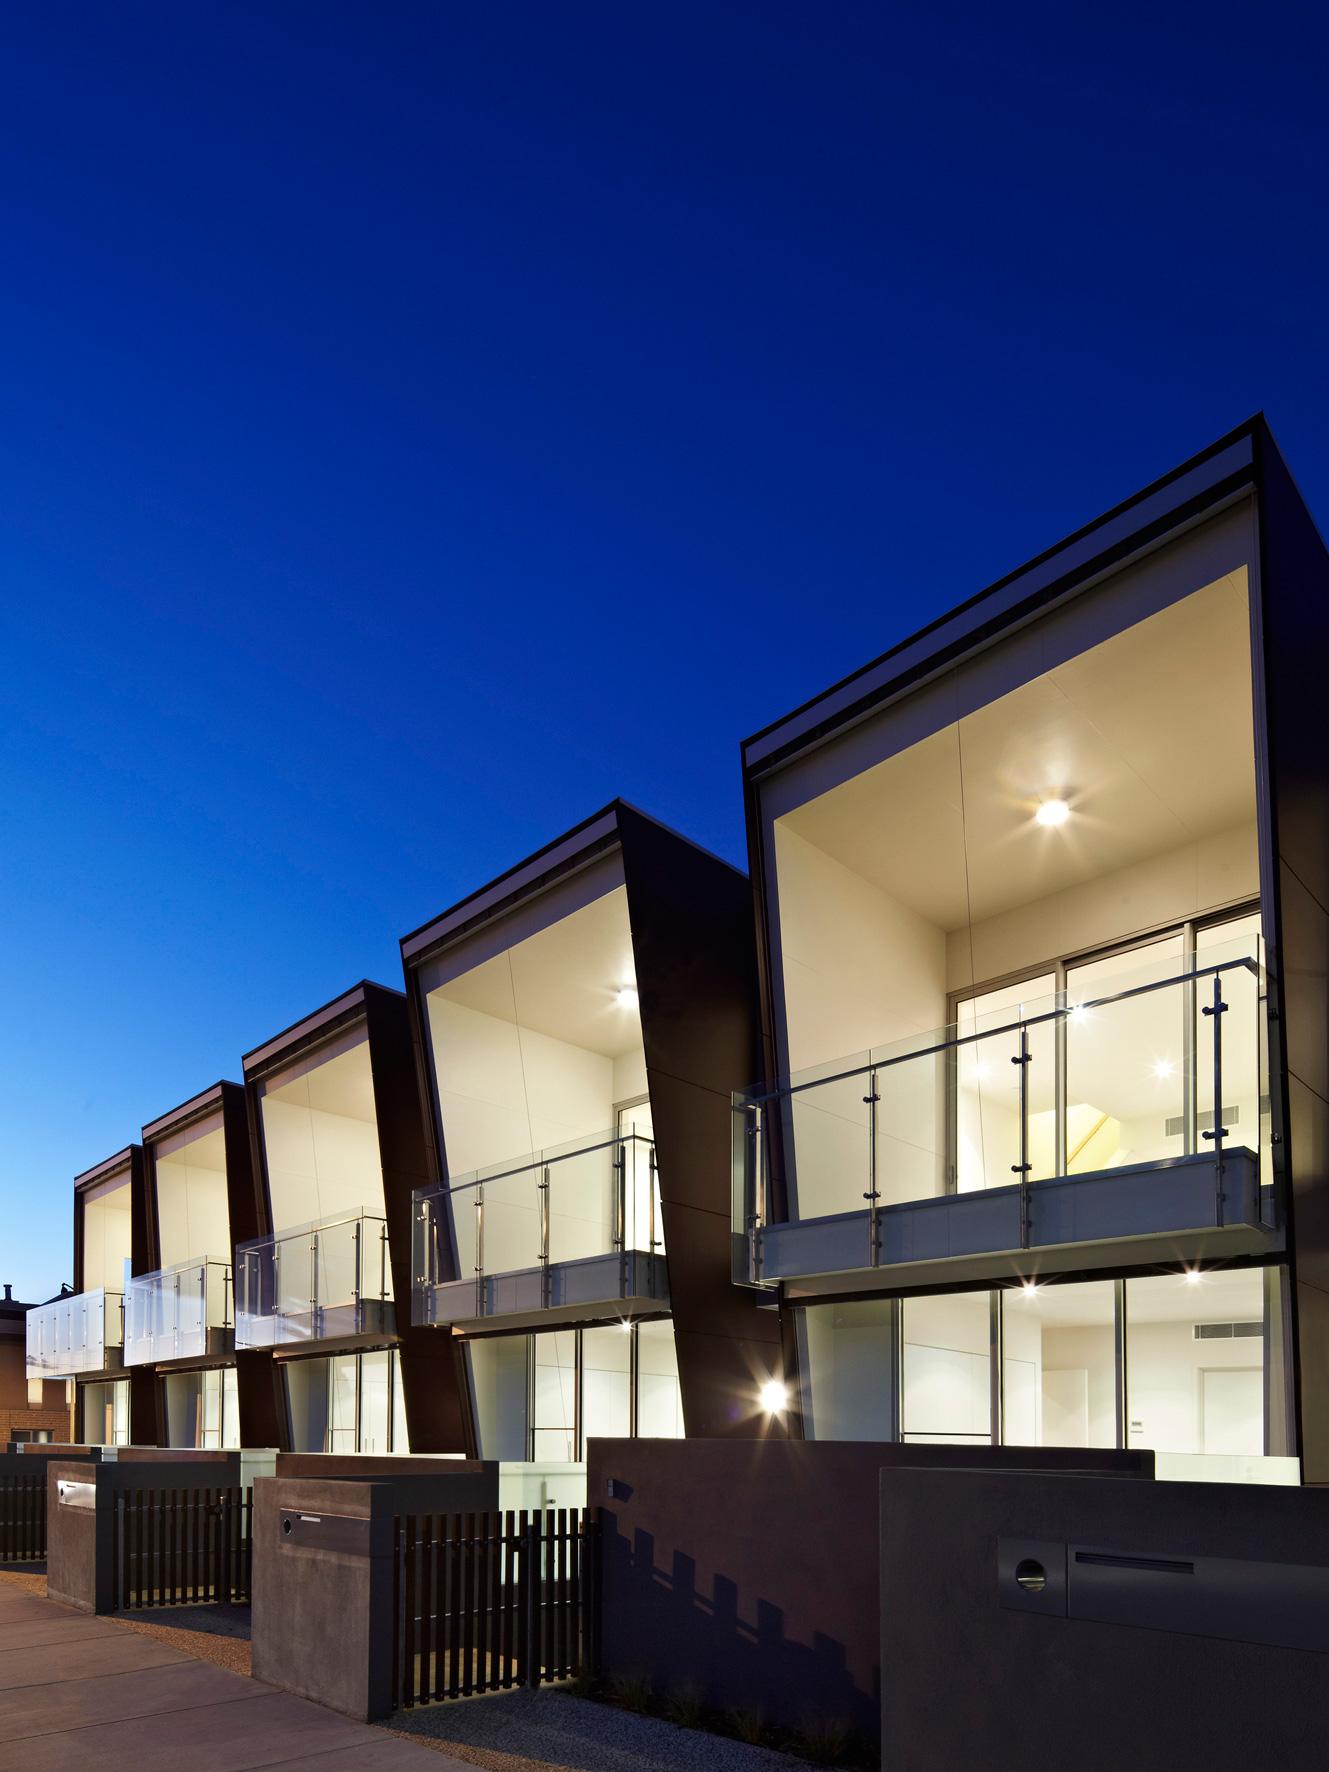 Rothelowman Architecture  Pavillion